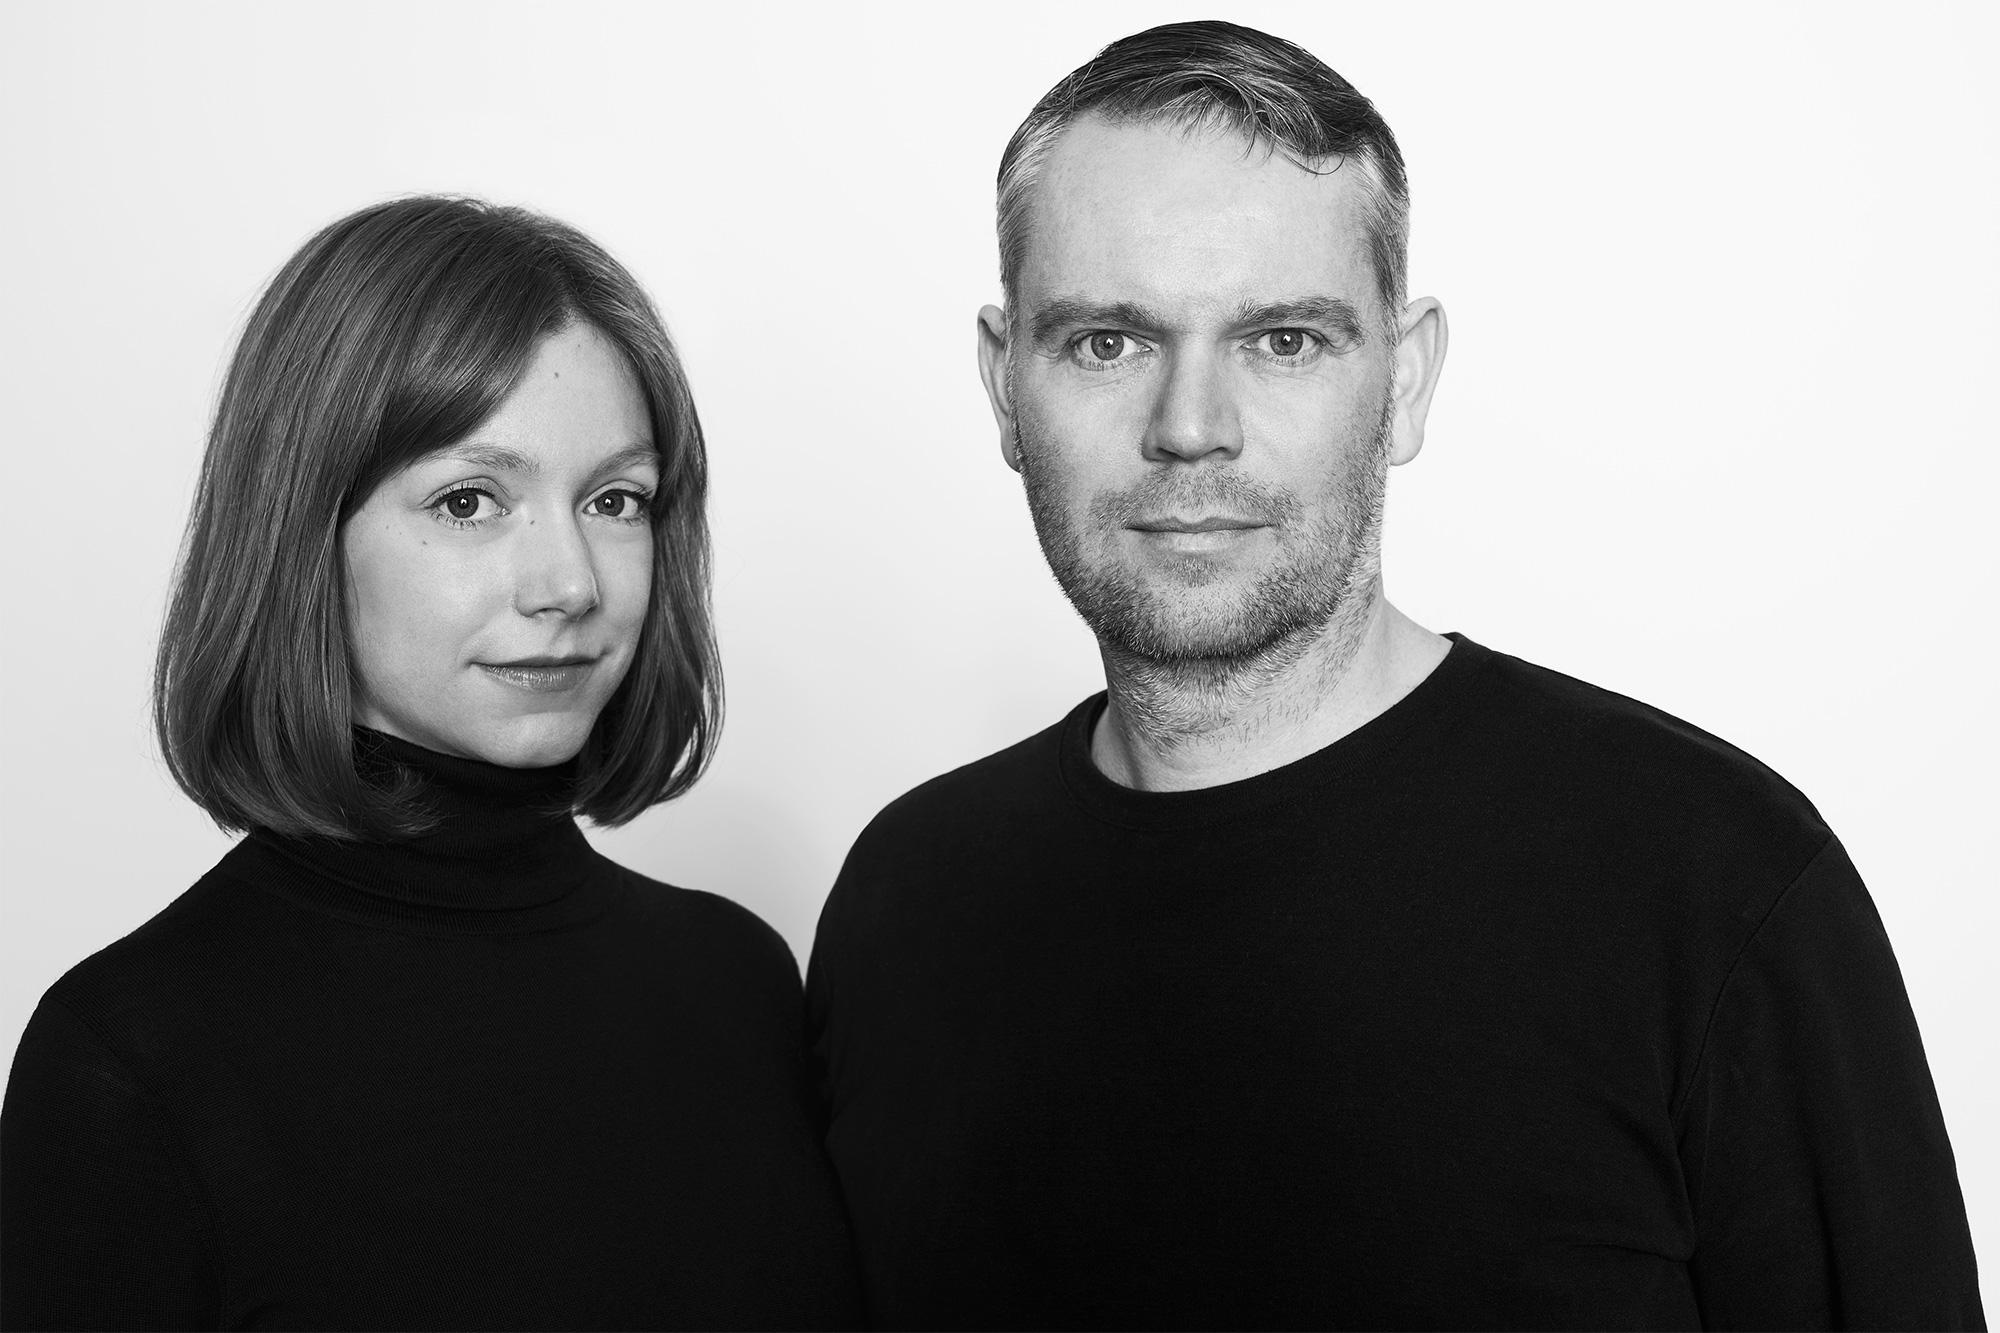 Das Gründerteam von JOHANENLIES: Coco Prange und Mike Raaijmakers | Photocredits: Patrice Brylla